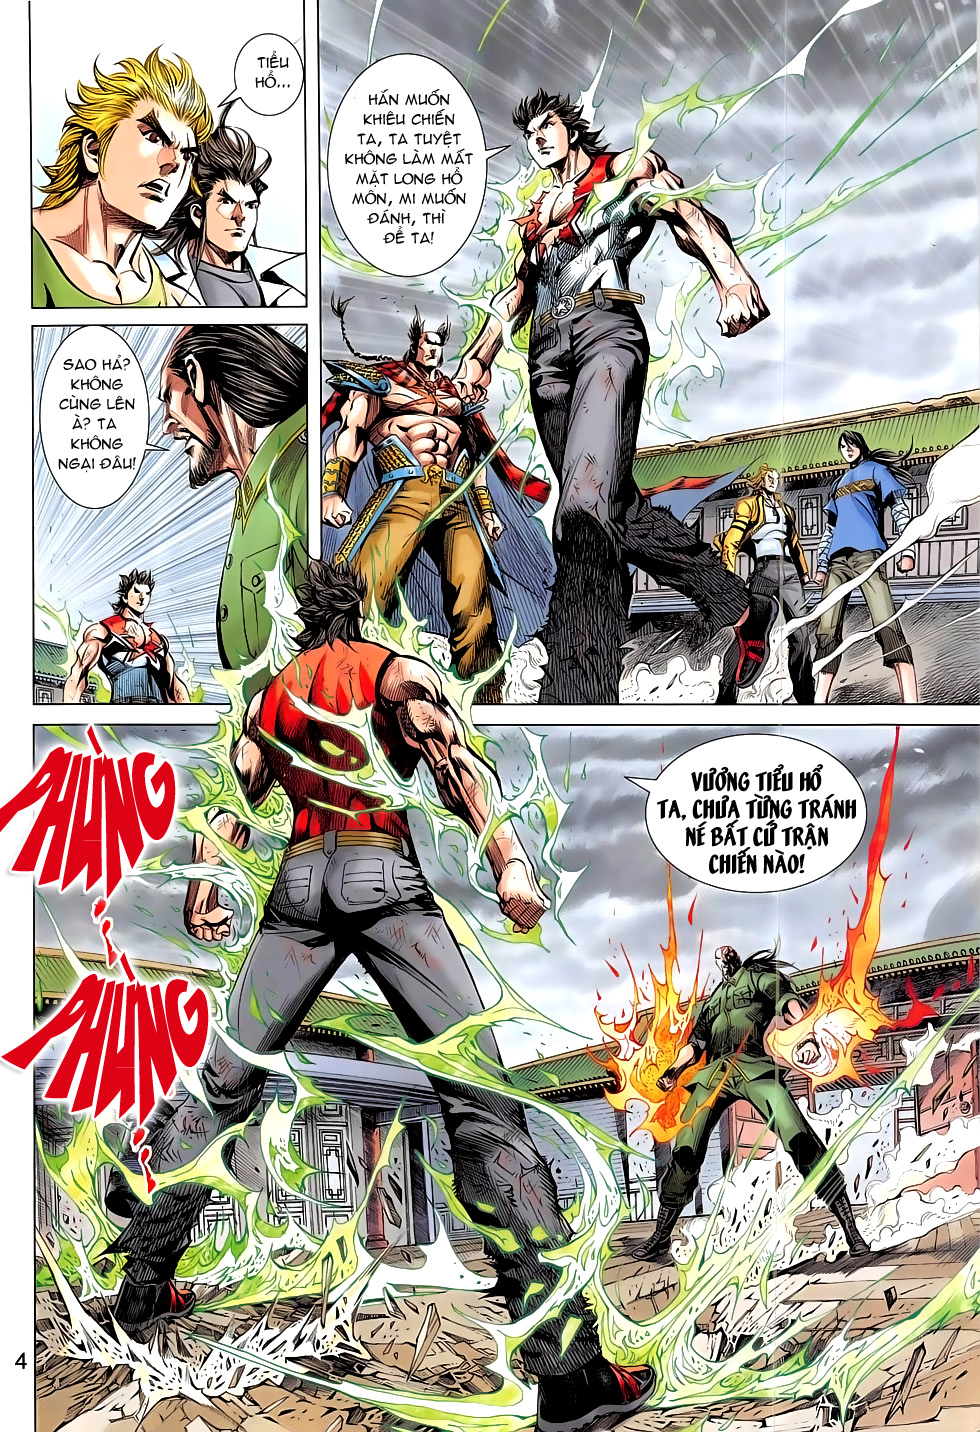 Đông Phương Chân Long chap 66 - Trang 4